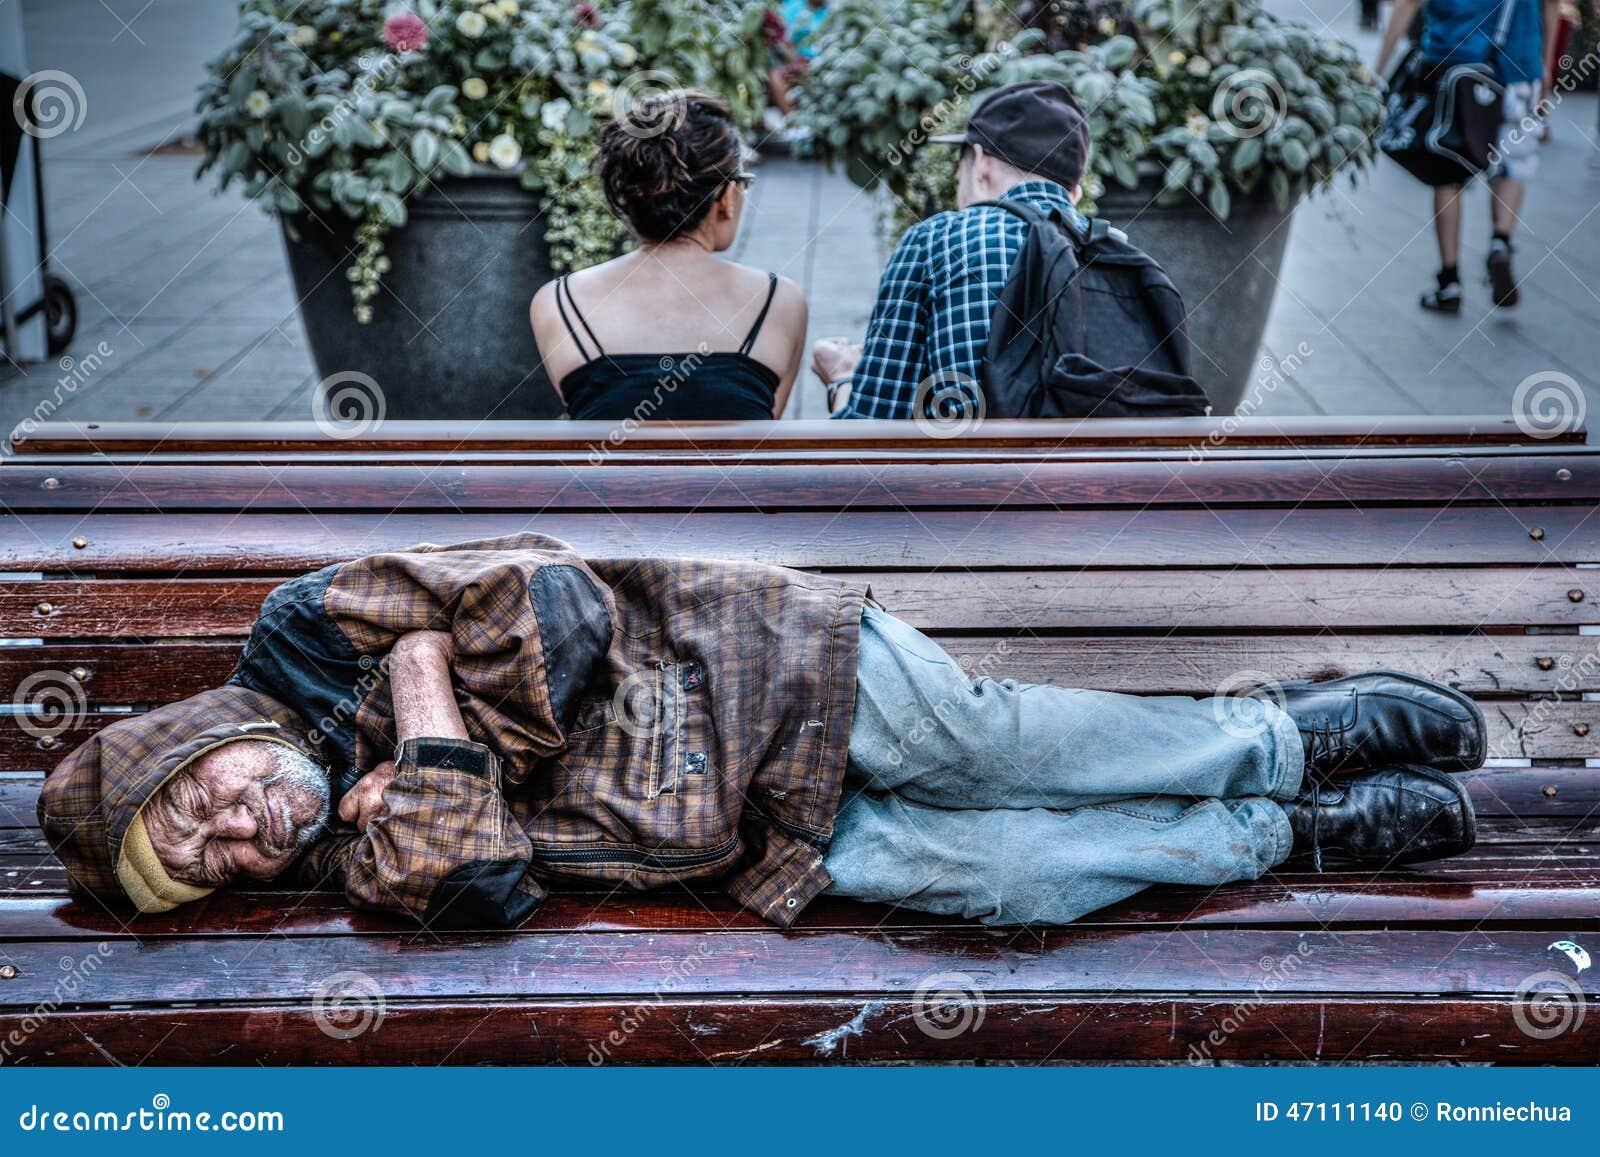 Пьяные на улице спят на скамейке 4 фотография